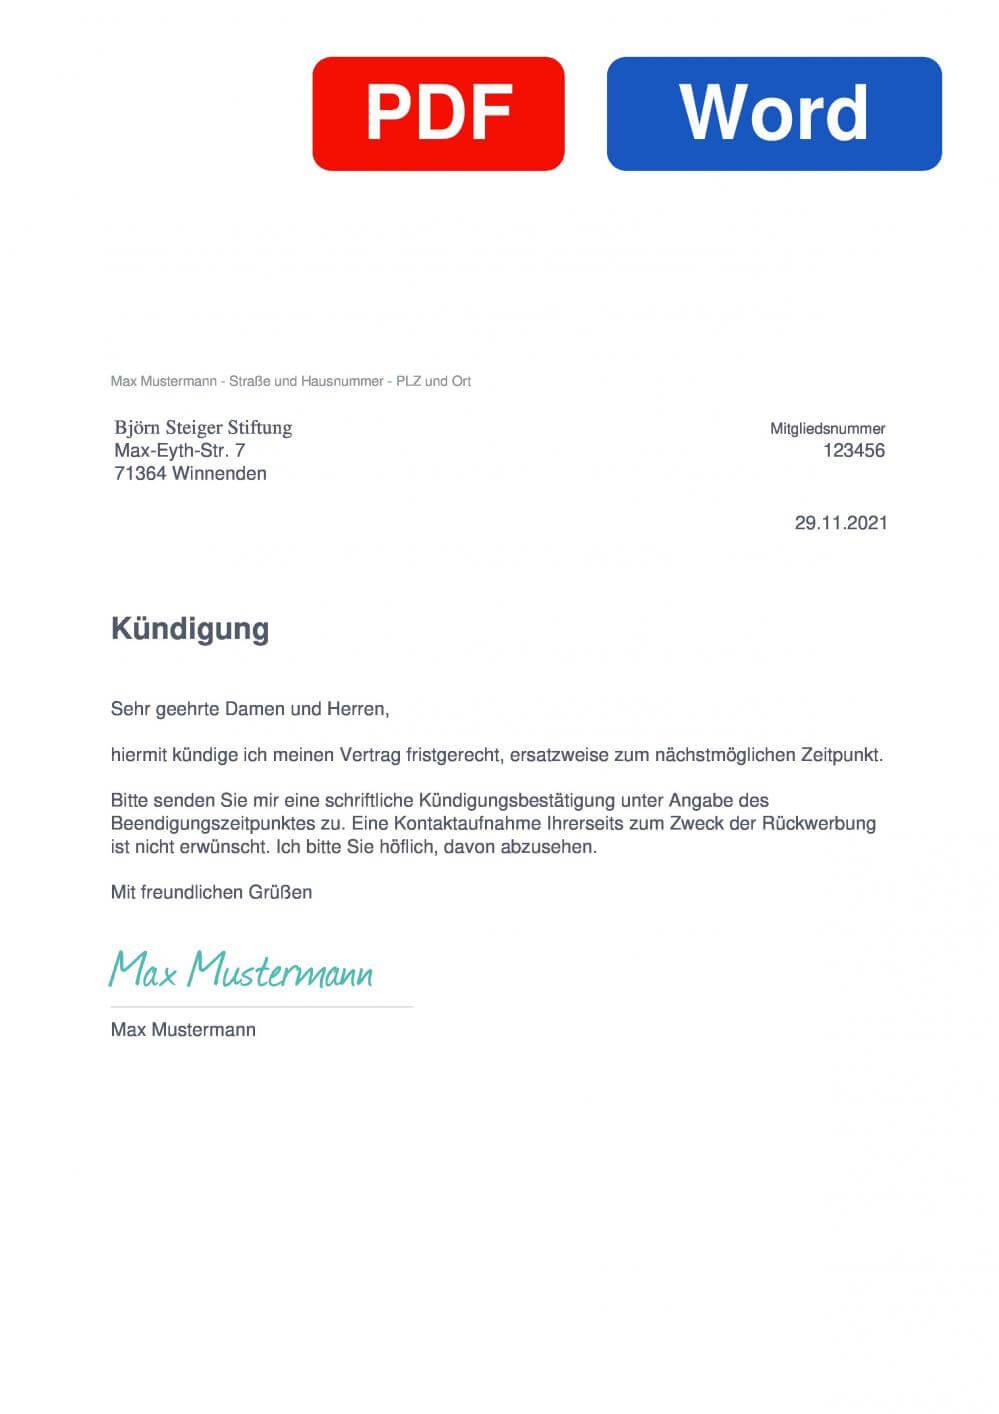 Björn Steiger Stiftung Muster Vorlage für Kündigungsschreiben